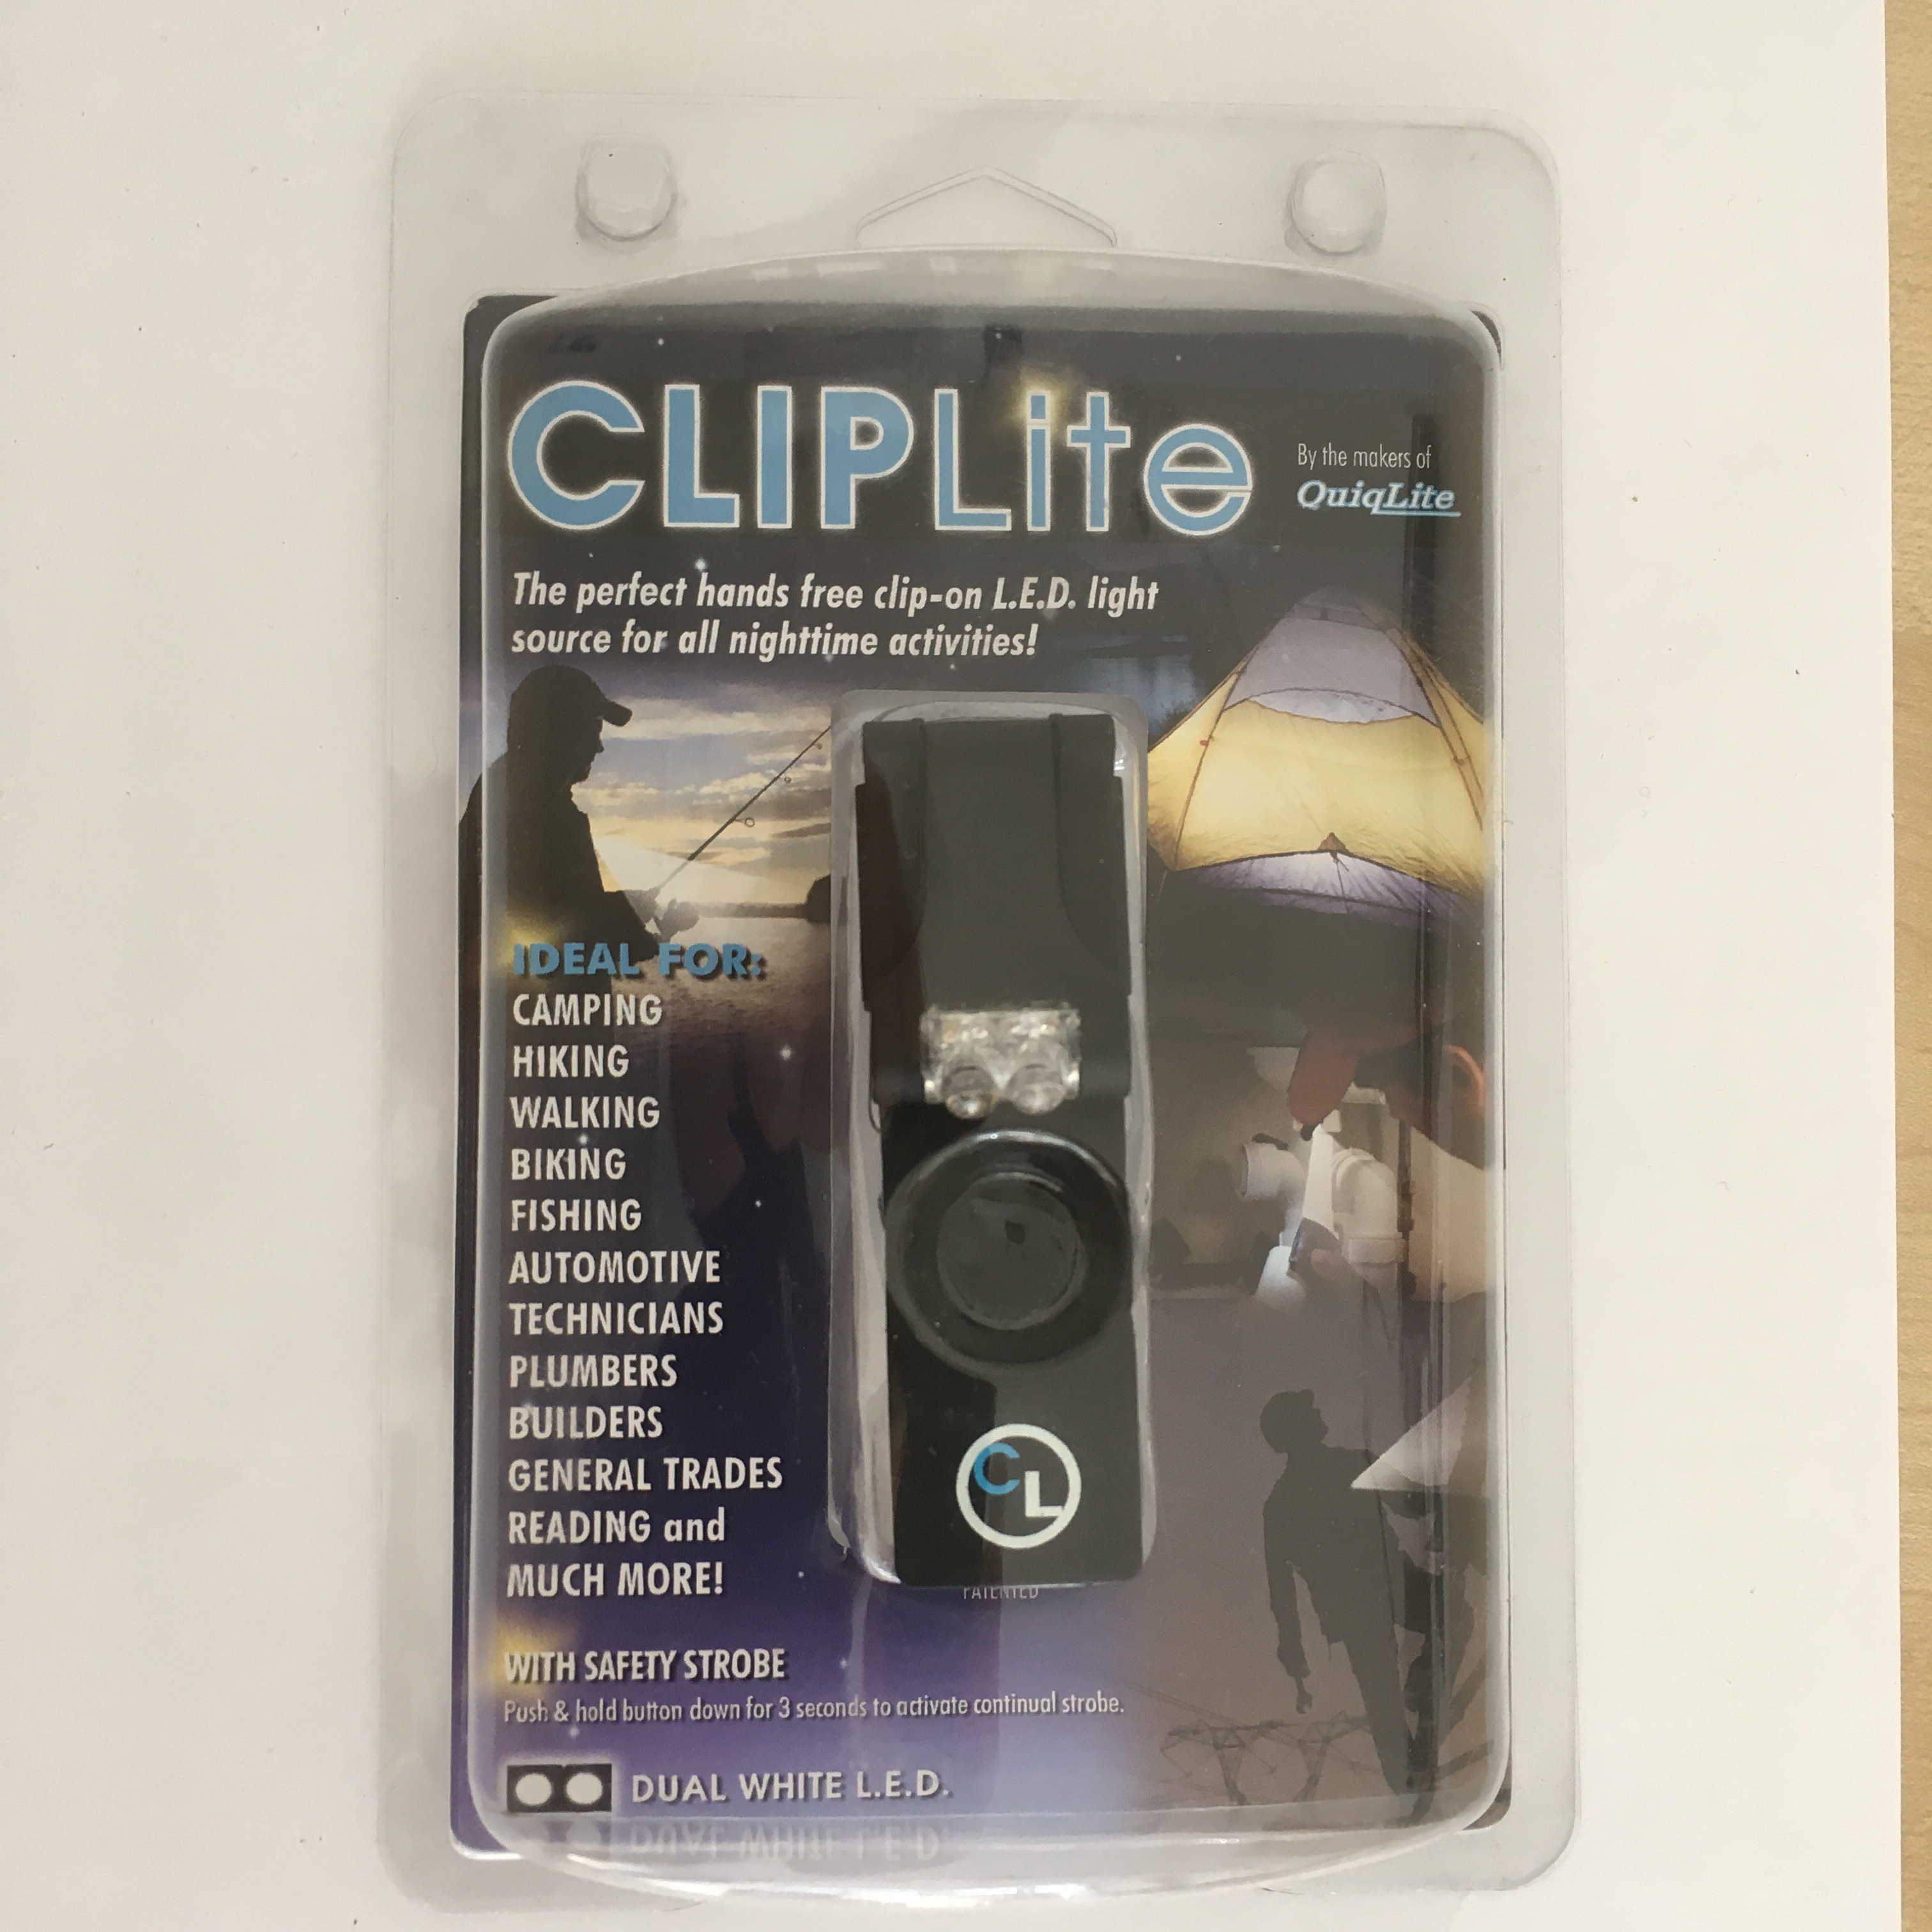 Quiglite-Cliplite-Torch